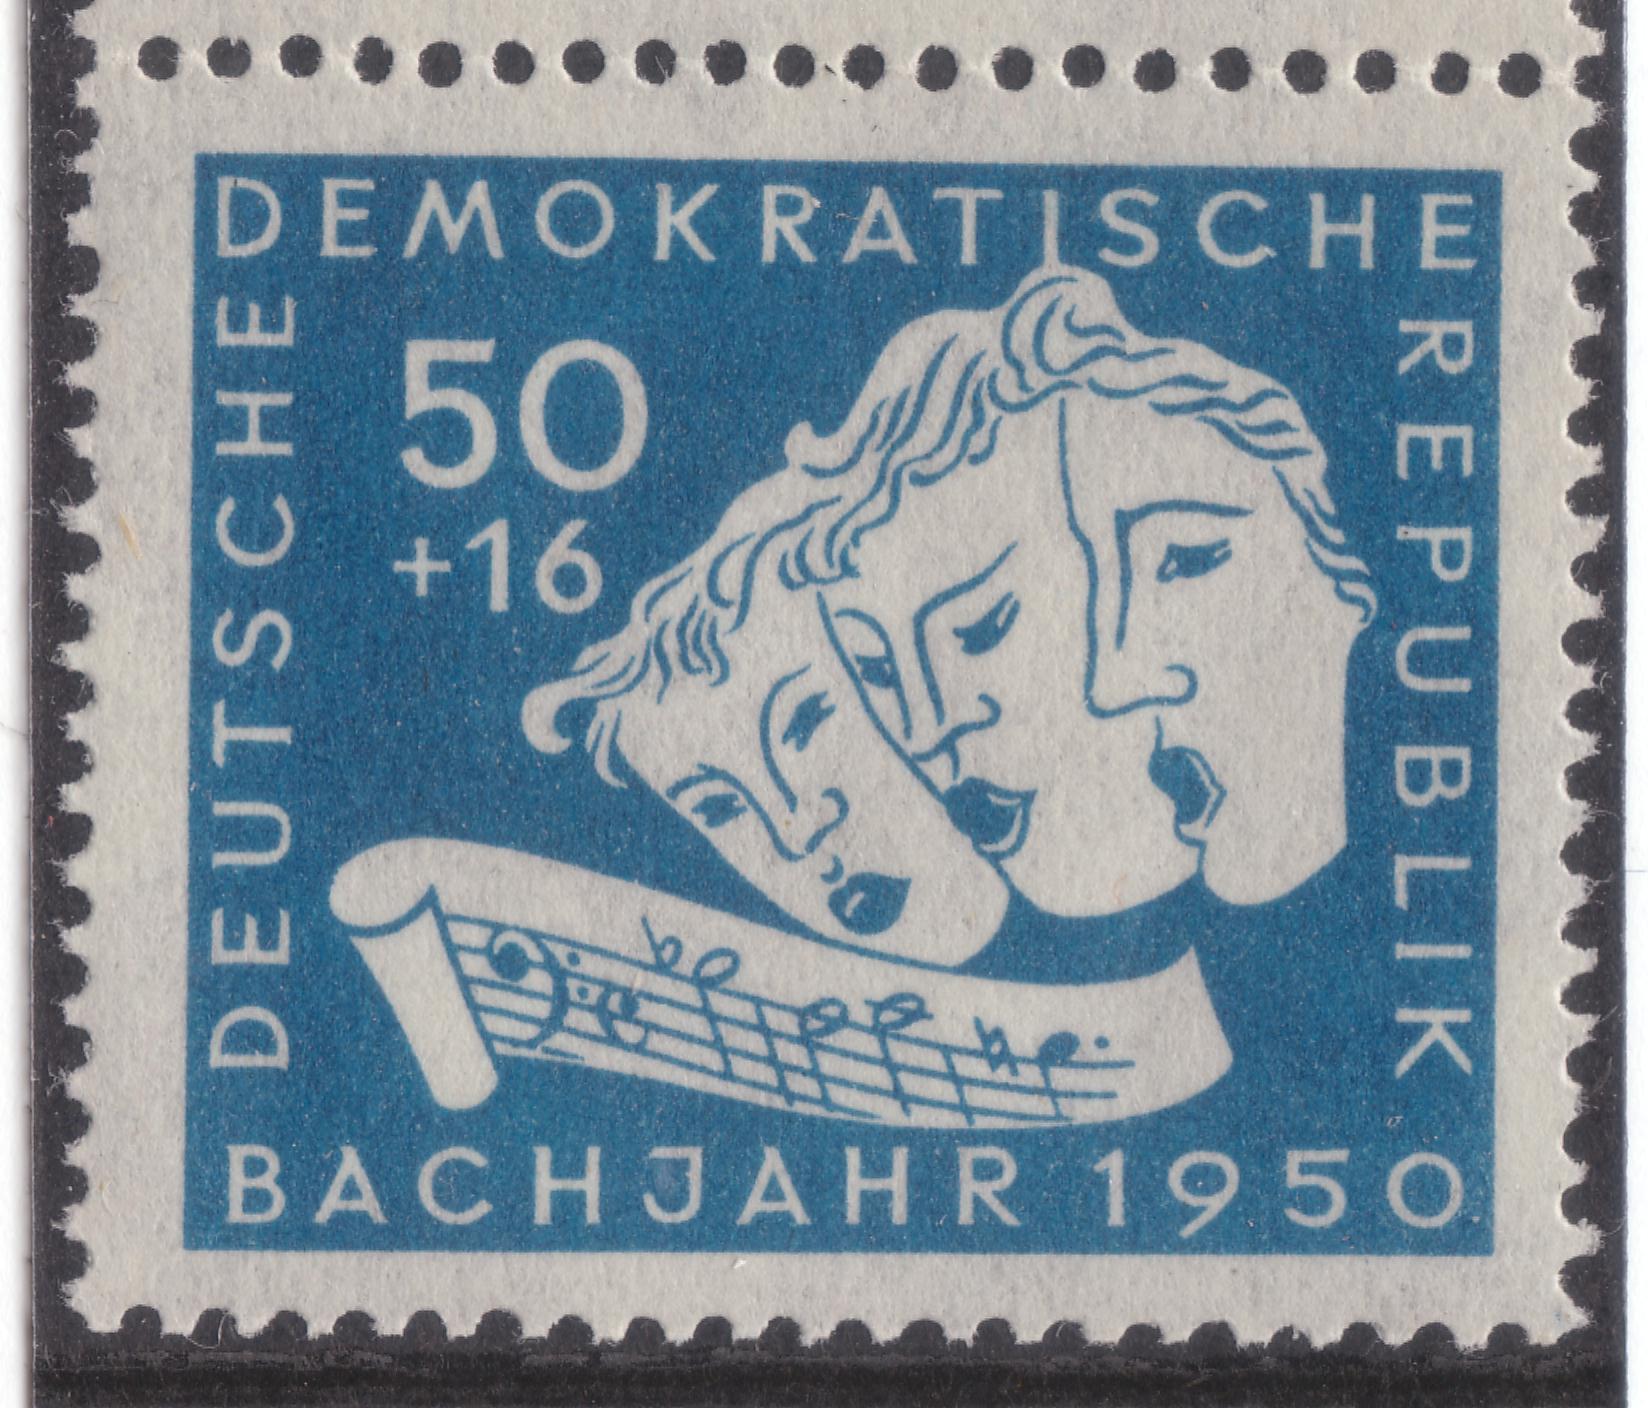 Dateiddr Briefmarke Bachjahr 1950 5016 Pfjpg Wikipedia